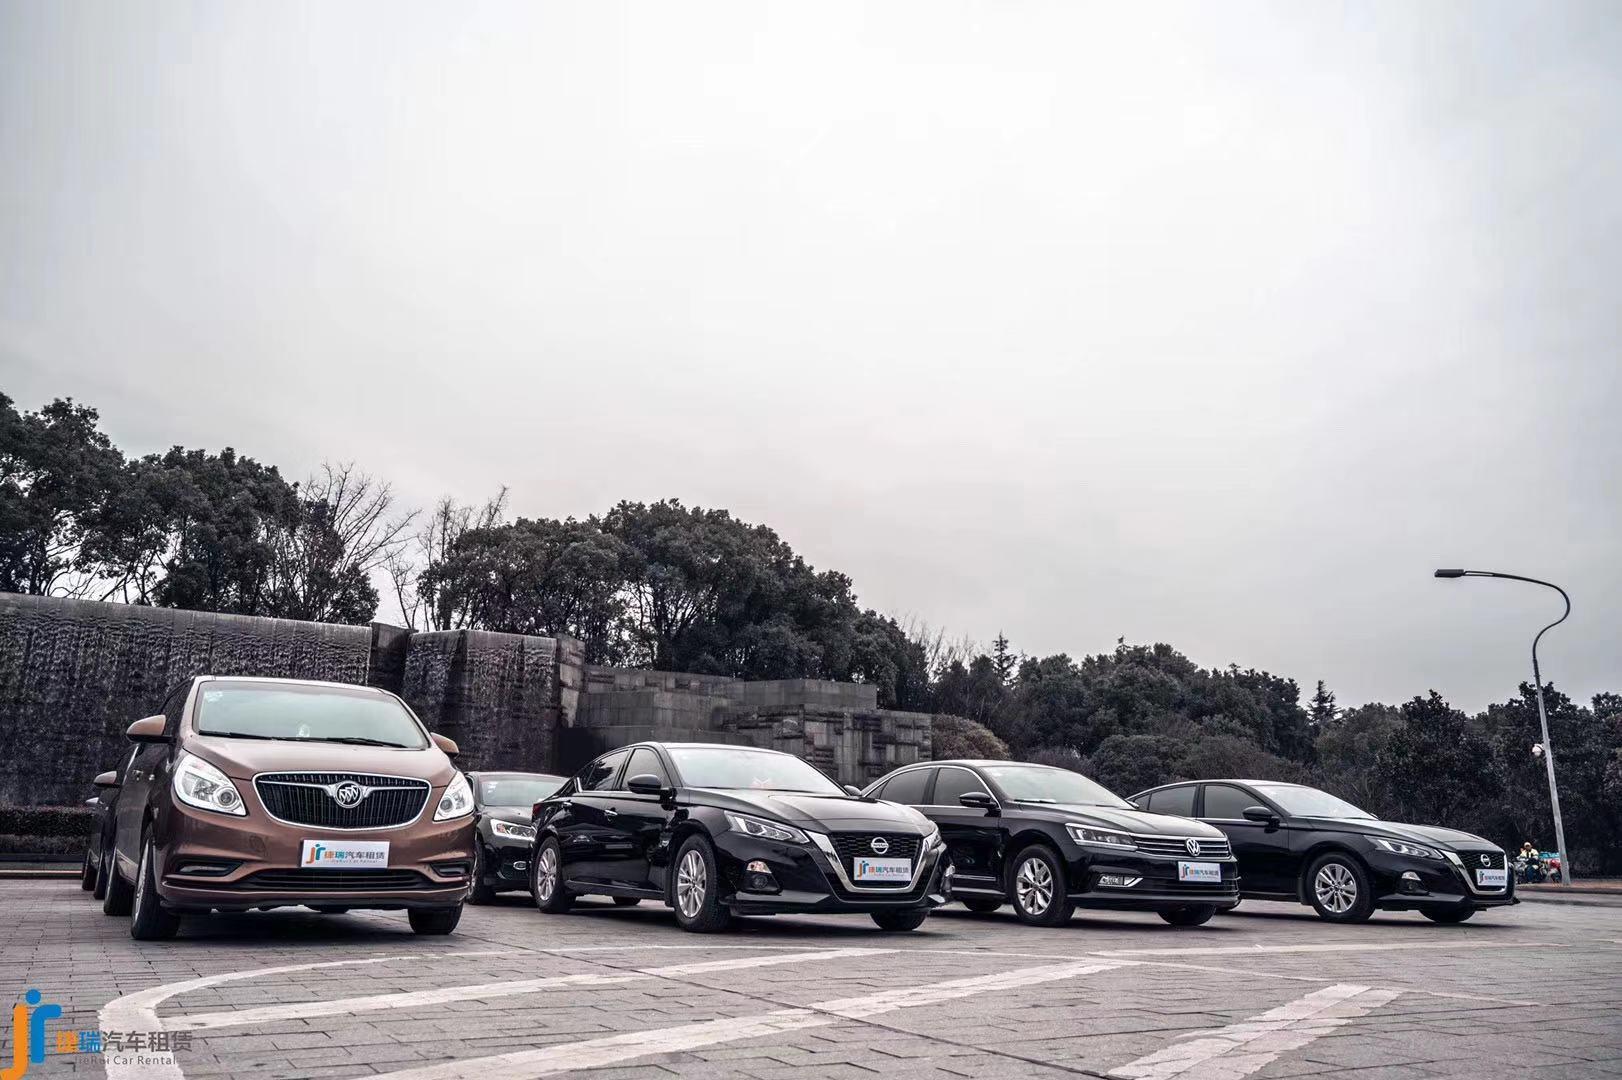 苏州汽车租赁,苏州捷瑞租车之会议用车服务规范